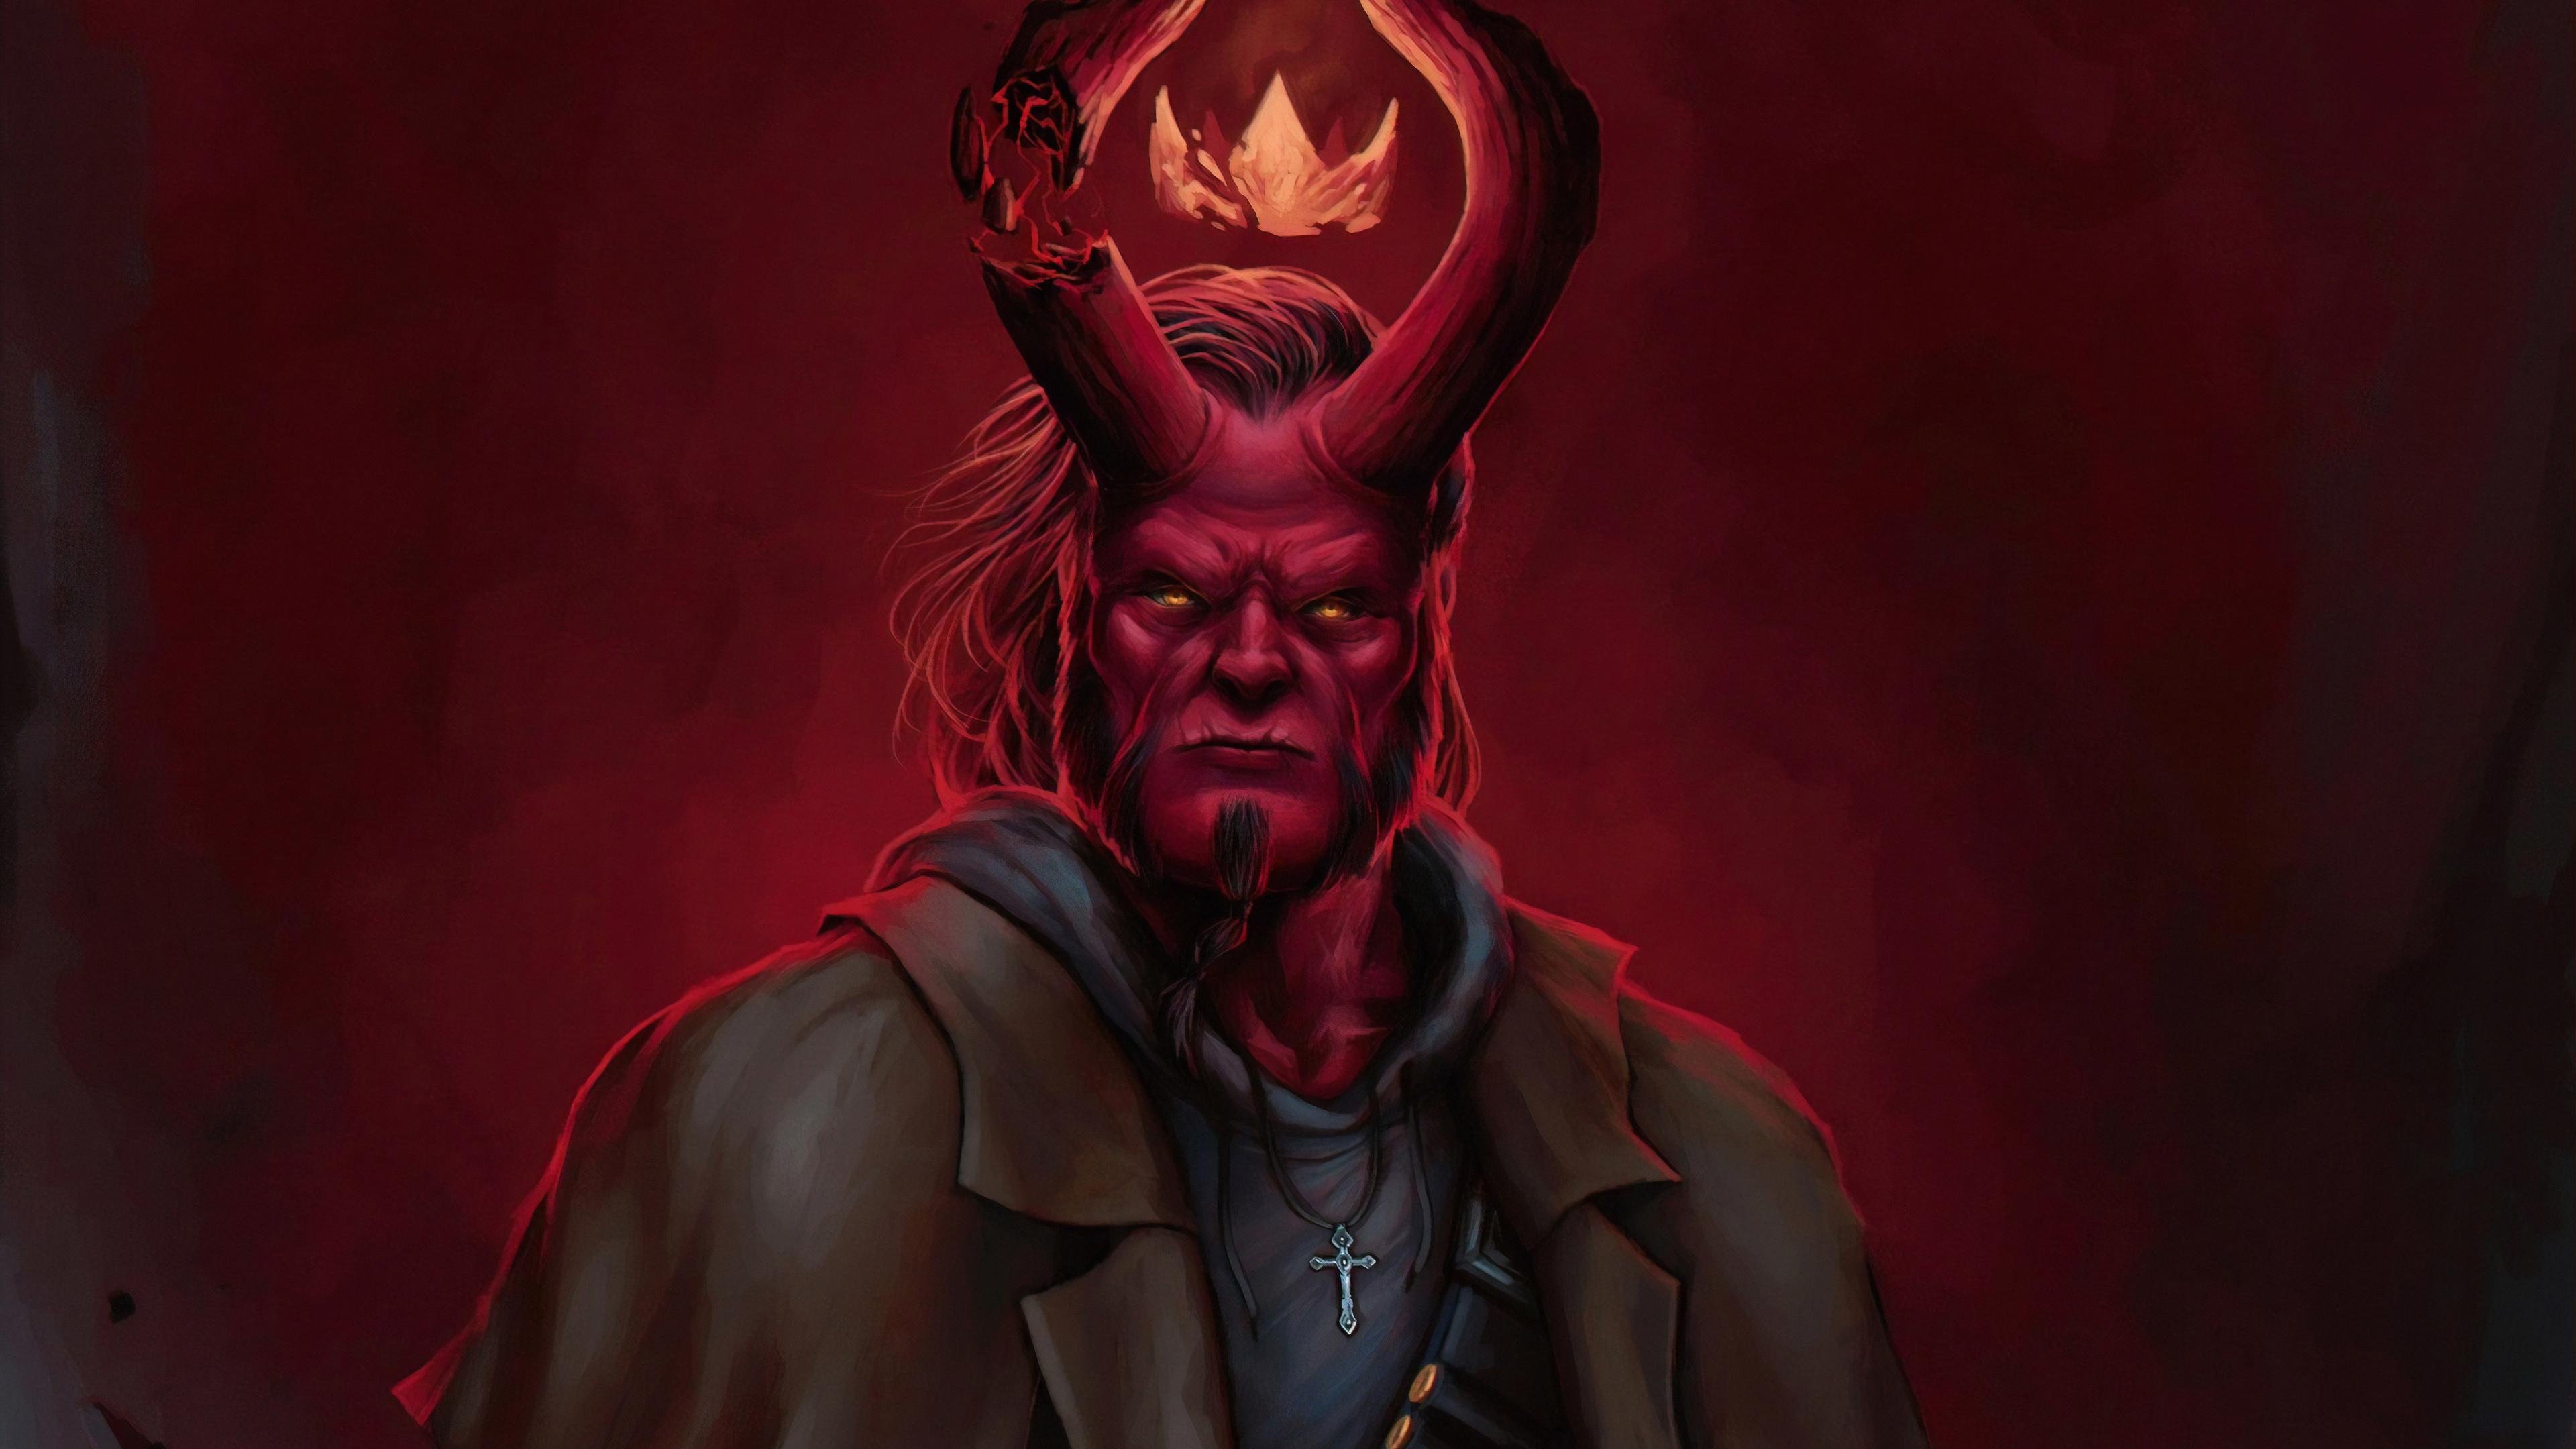 artwork hellboy 1562106228 - Artwork Hellboy - superheroes wallpapers, hellboy wallpapers, hd-wallpapers, digital art wallpapers, artwork wallpapers, art wallpapers, 4k-wallpapers